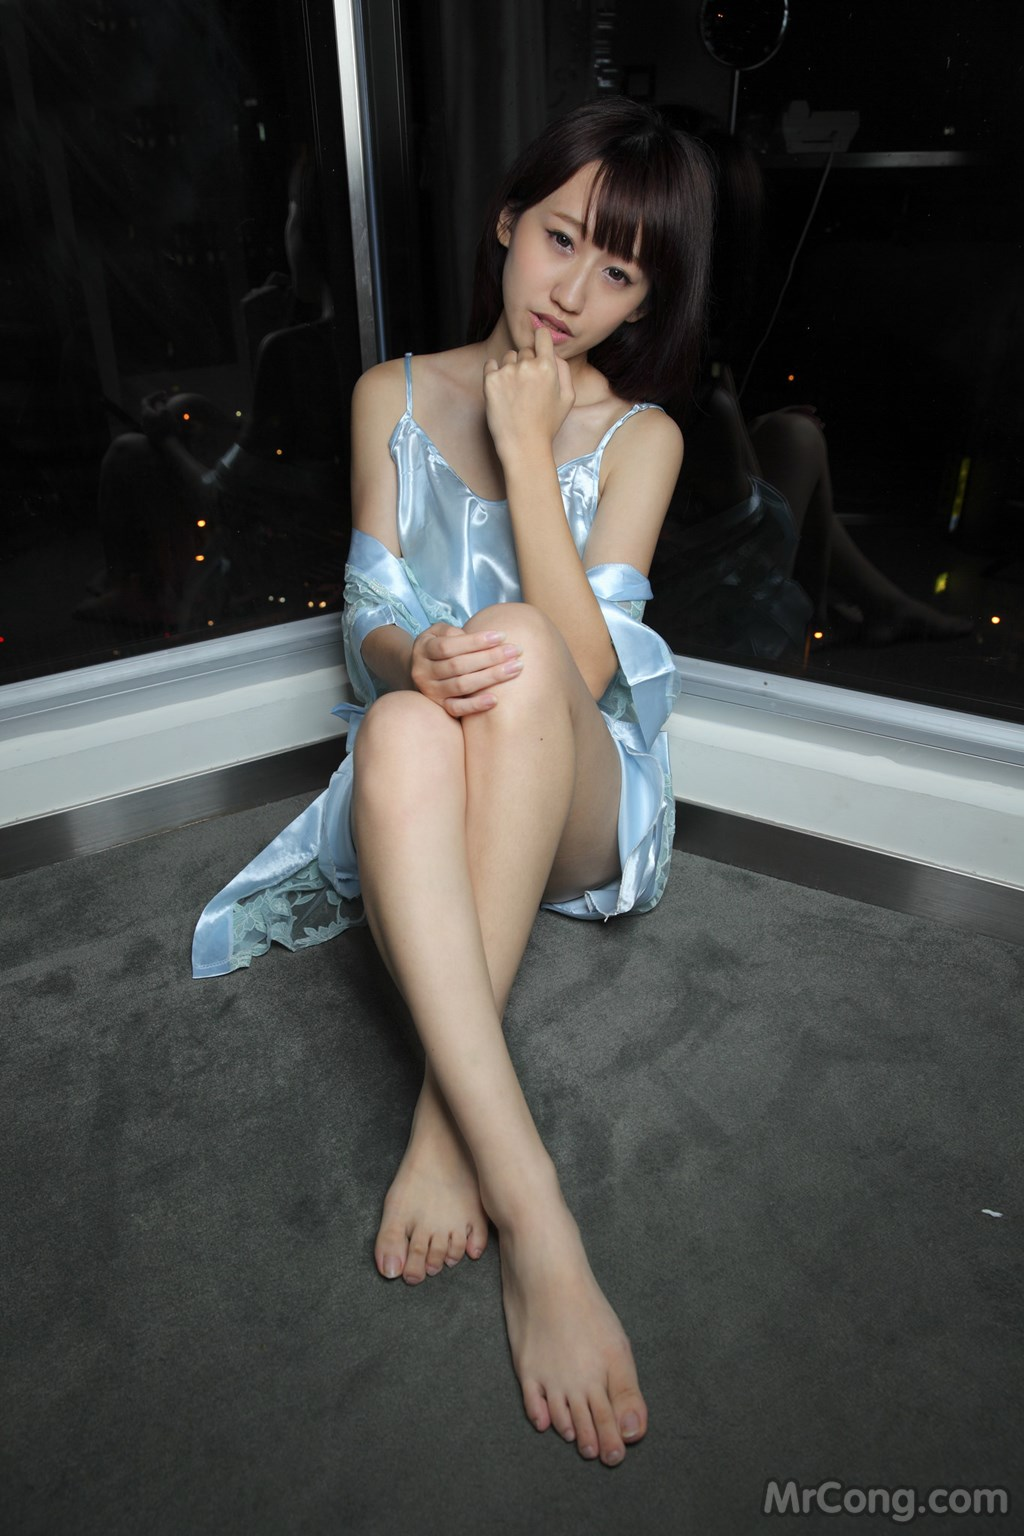 Image Girl-xinh-Dai-Loan-by-Joseph-Huang-Phan-2-MrCong.com-0017 in post Các cô gái Đài Loan qua góc chụp của Joseph Huang (黃阿文) - Phần 2 (1469 ảnh)